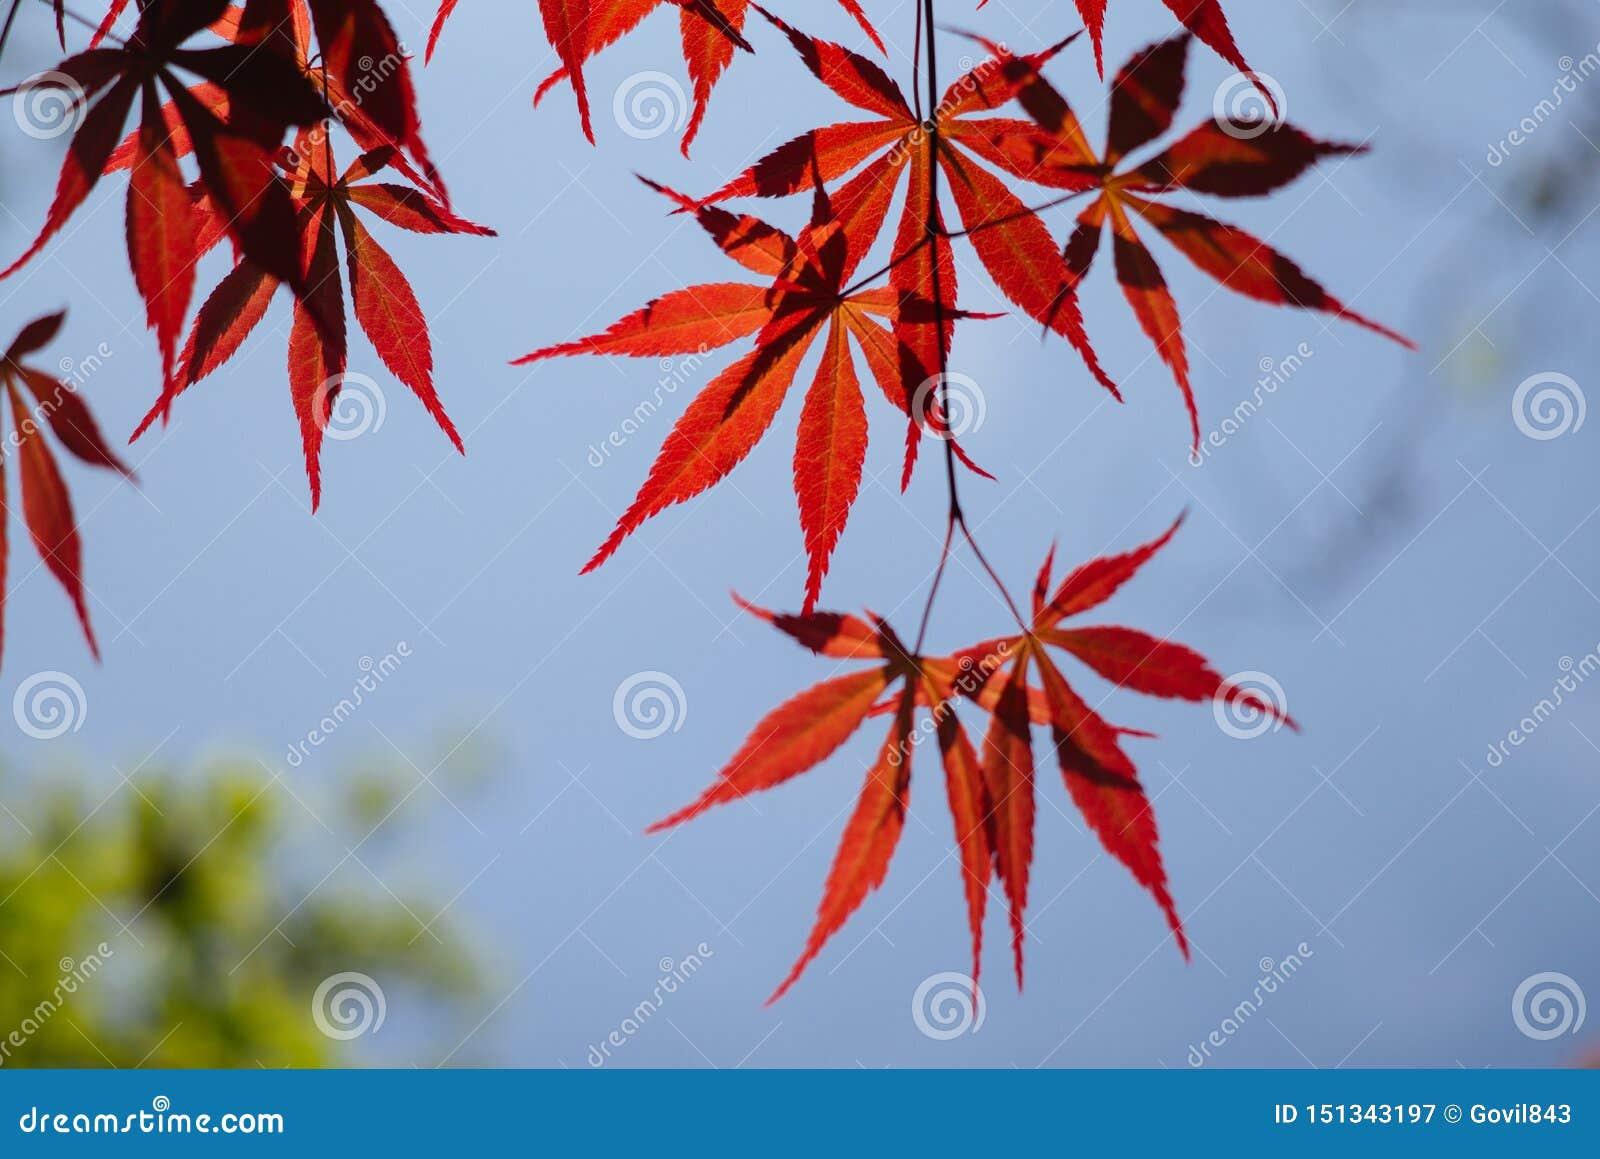 Acer palmatum, powszechnie znać jako palmate klon, Japoński klon lub gładki klon, jest Jap gatunki odrewniałej rośliny miejscowy